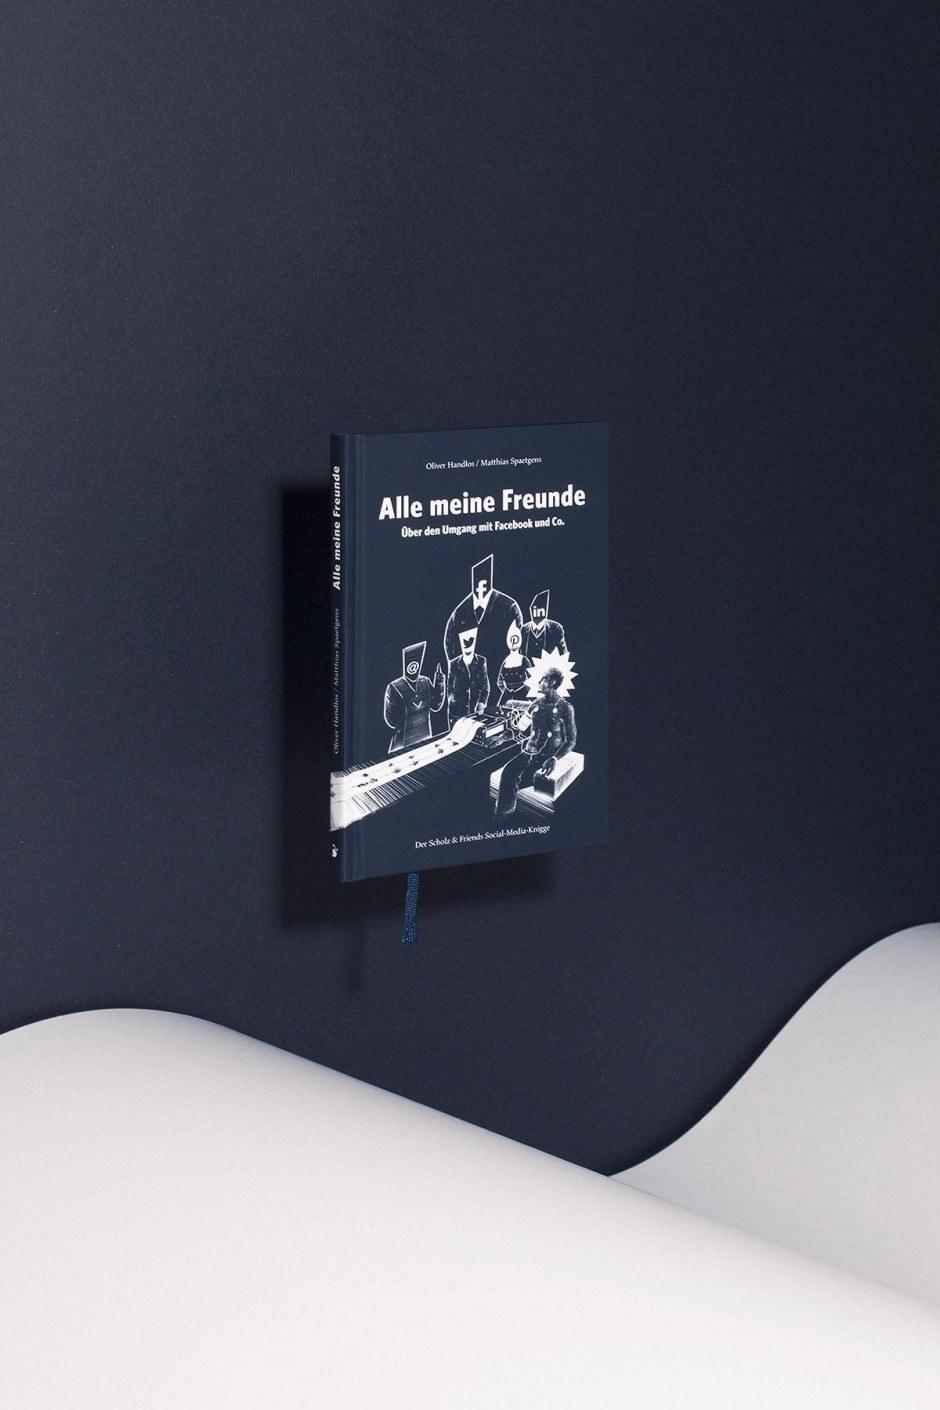 Carolin Wanitzek und Peter von Freyhold haben sich eine ganze besondere Inszenierung ausgedacht, um die Bücher für den aktuellen Gesamtkatalog des Verlags Hermann Schmidt Mainz zu fotografieren.